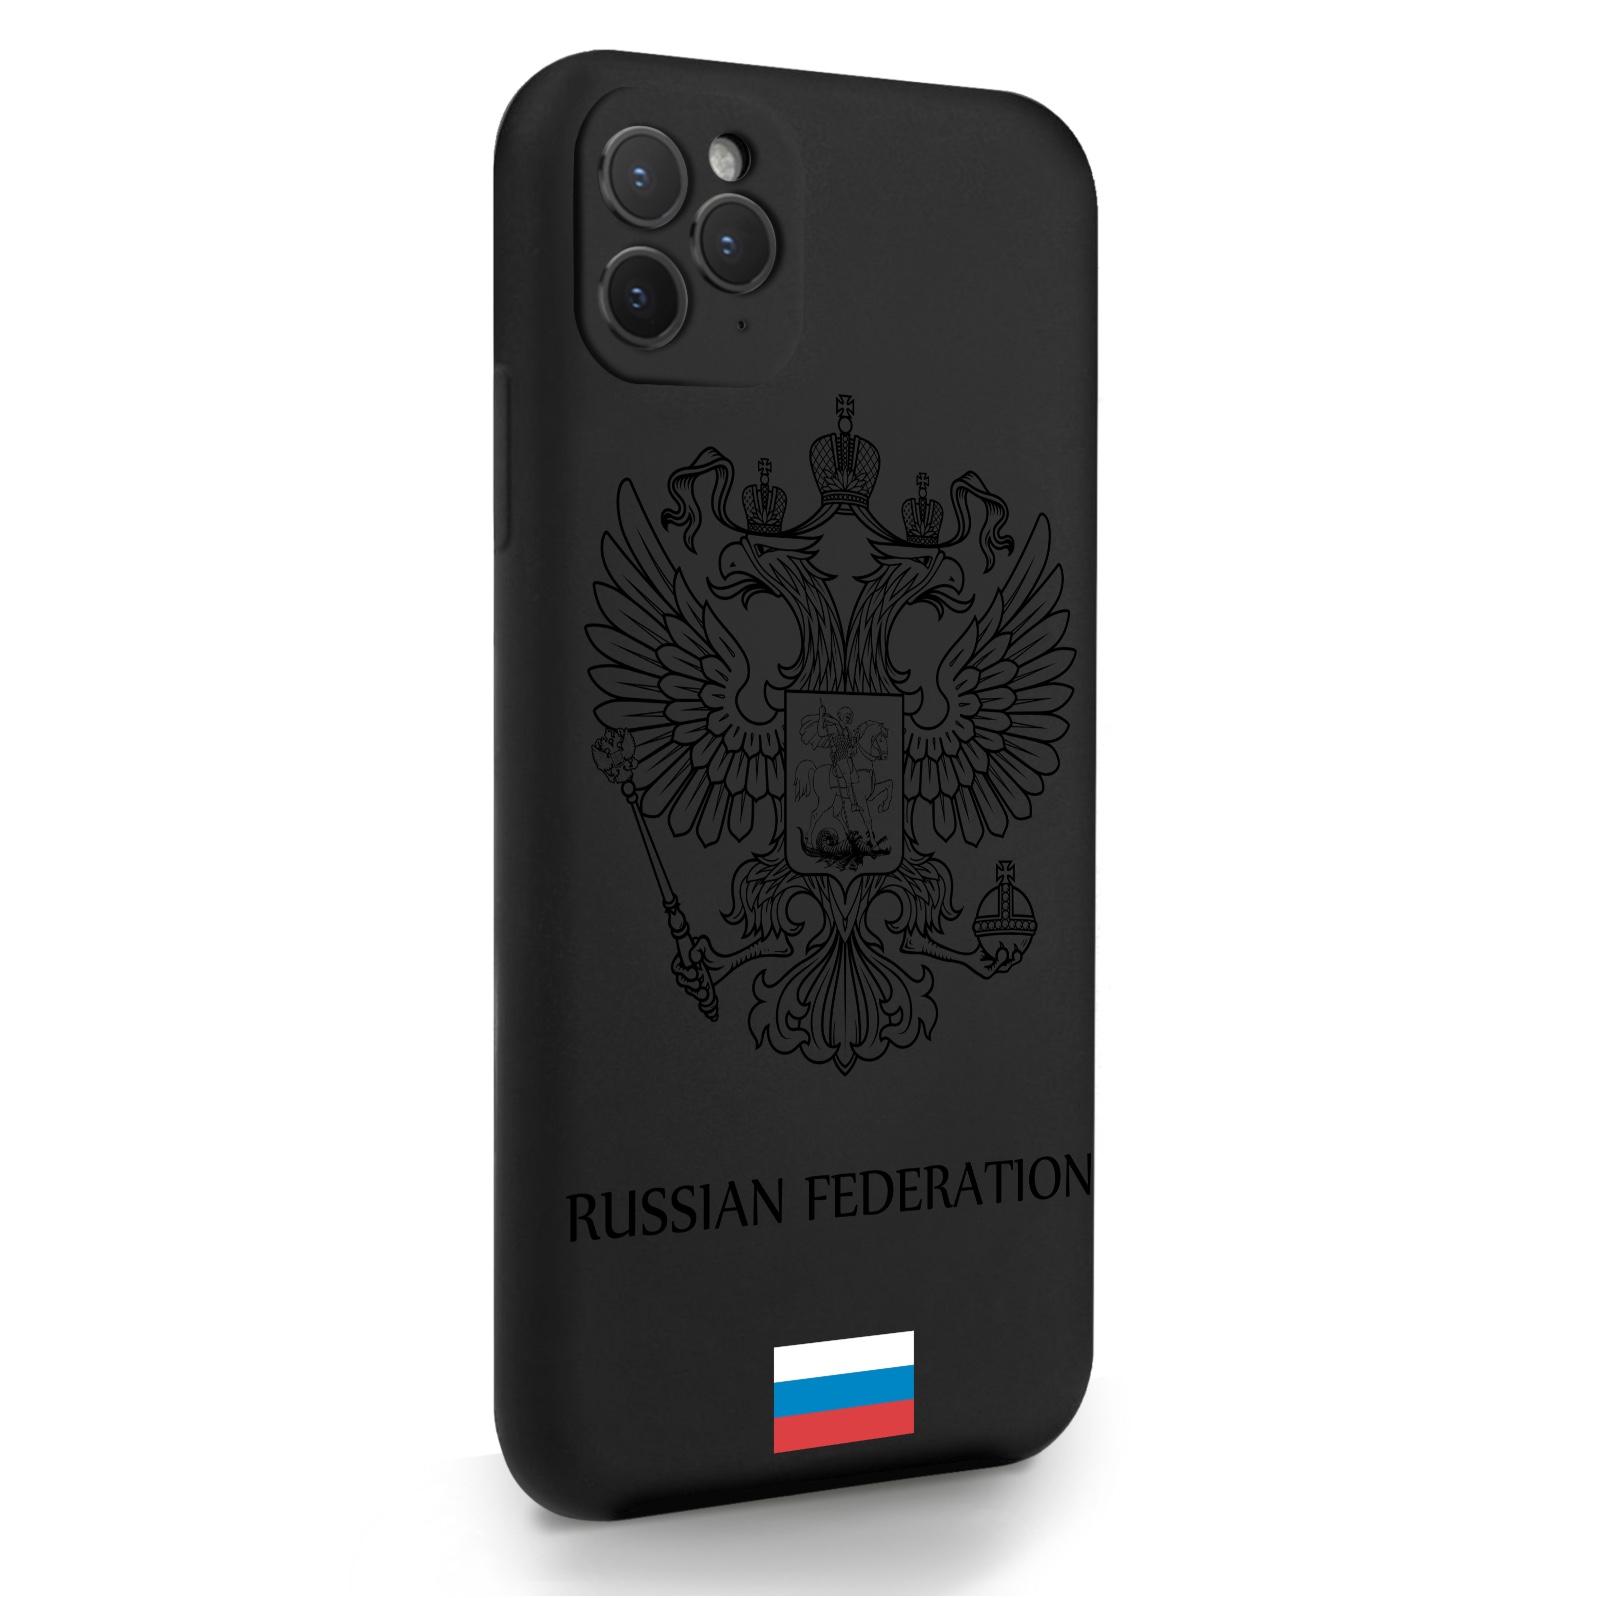 Черный силиконовый чехол для iPhone 11 Pro Max Черный лаковый Герб Россия для Айфон 11 Про Макс